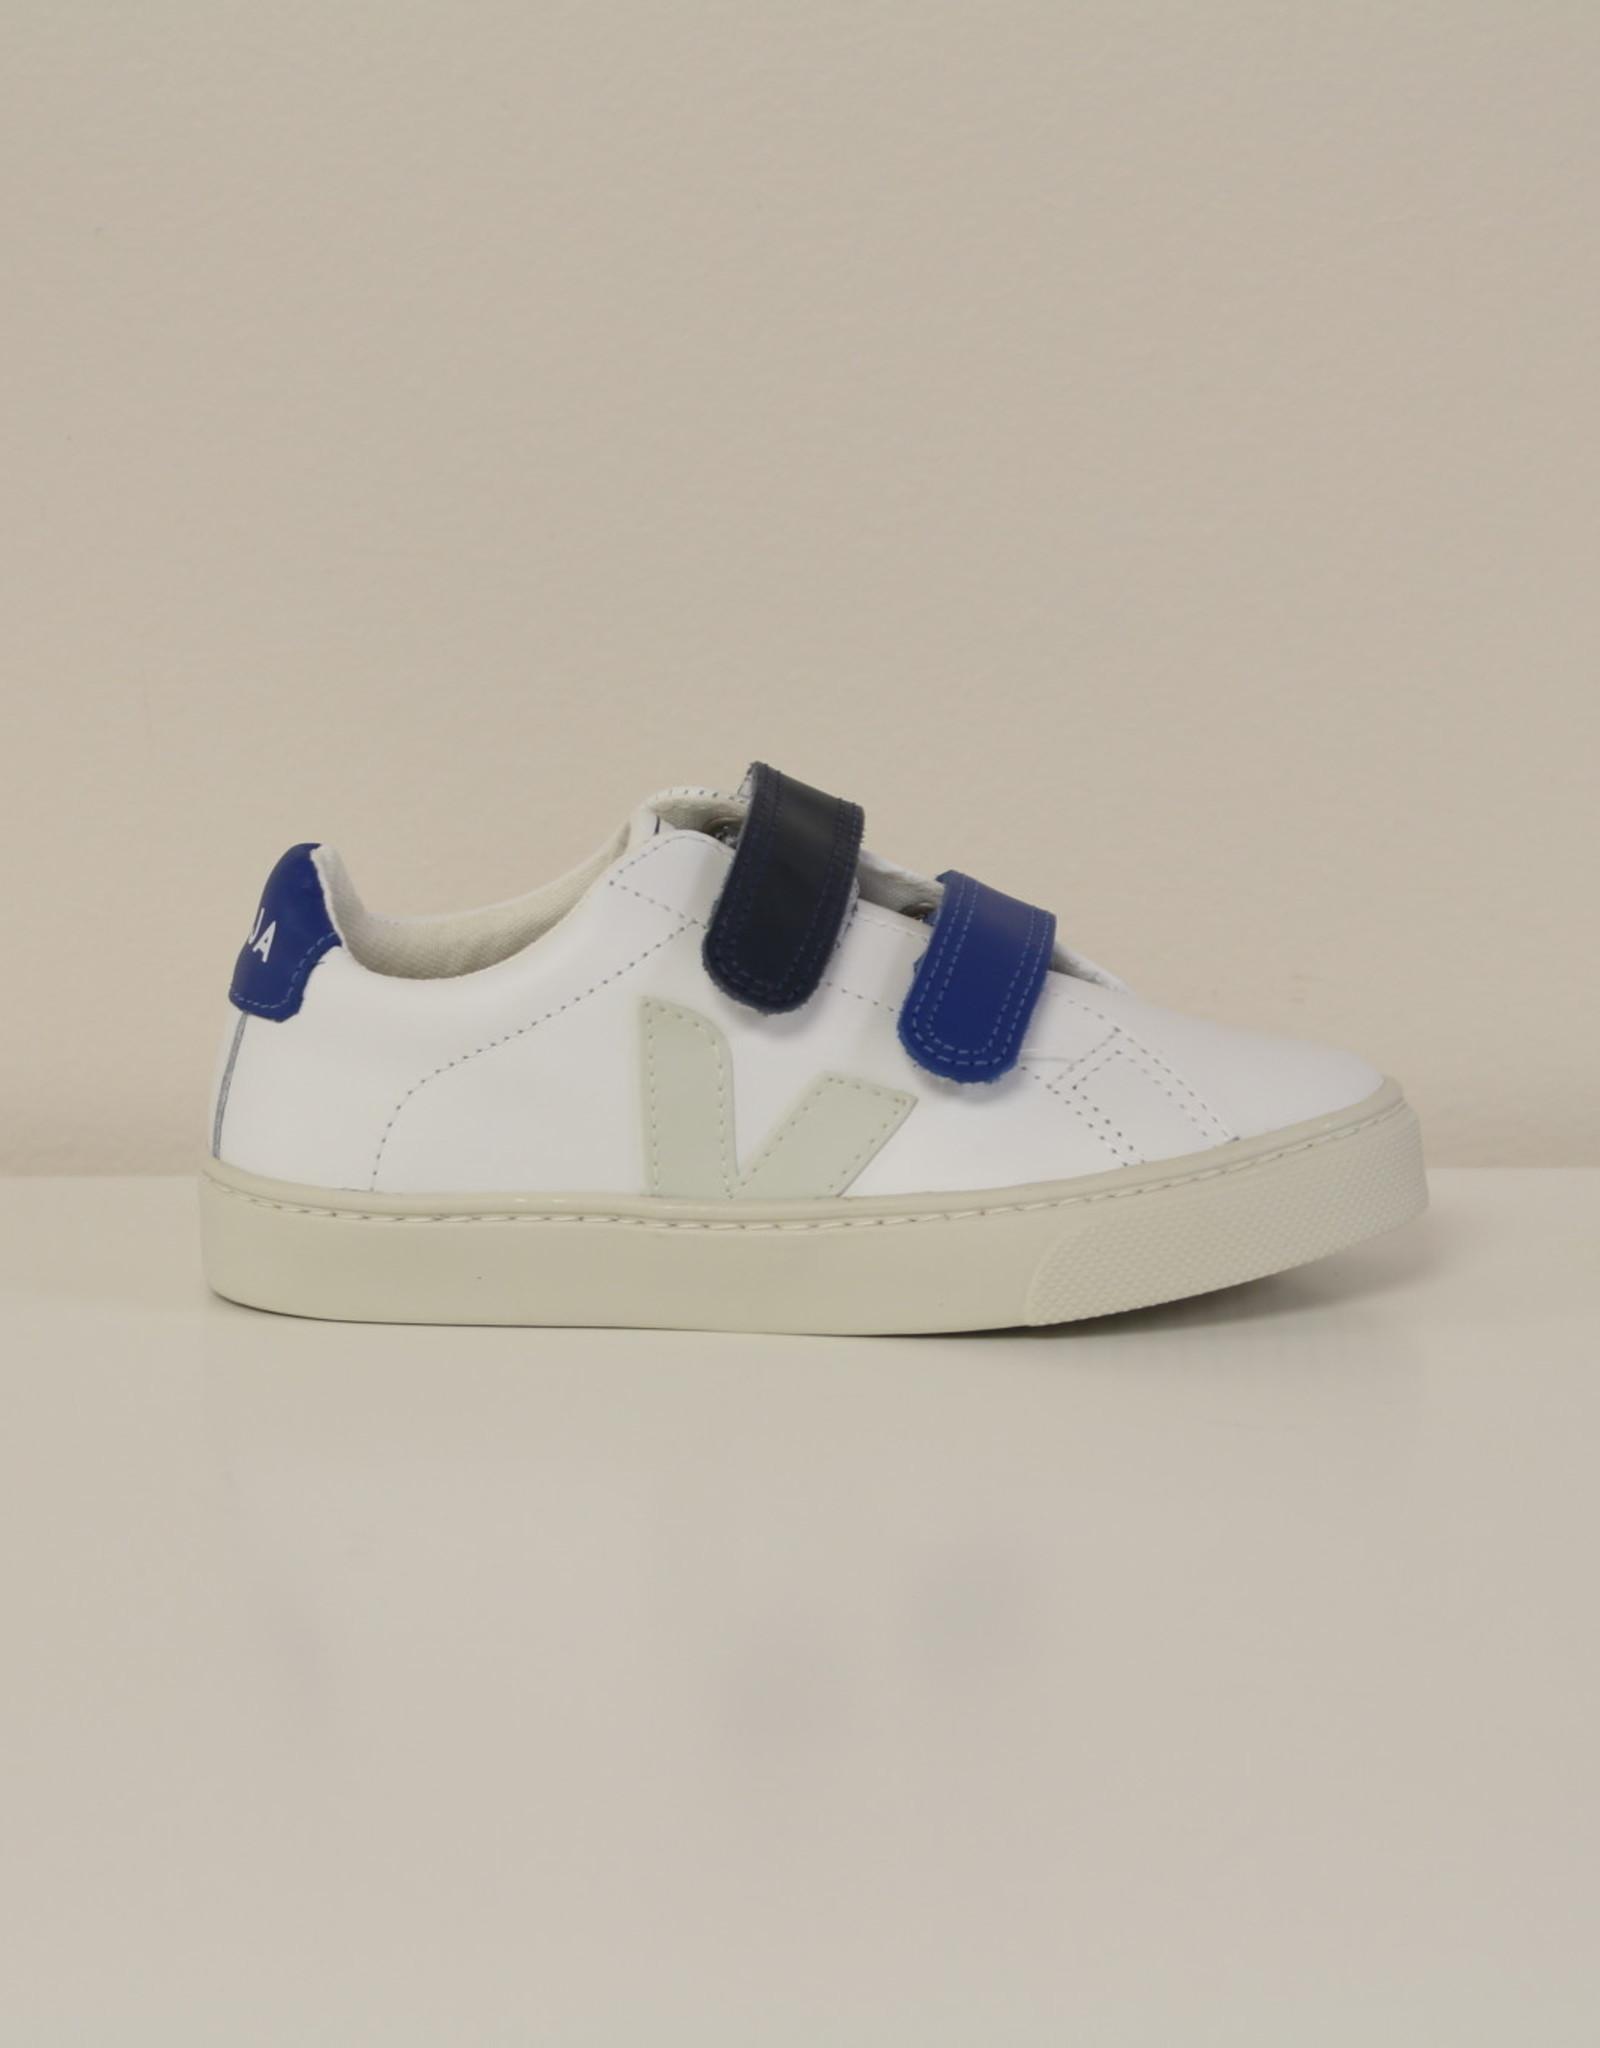 VEJA RSJV021794 wit blauw velcro